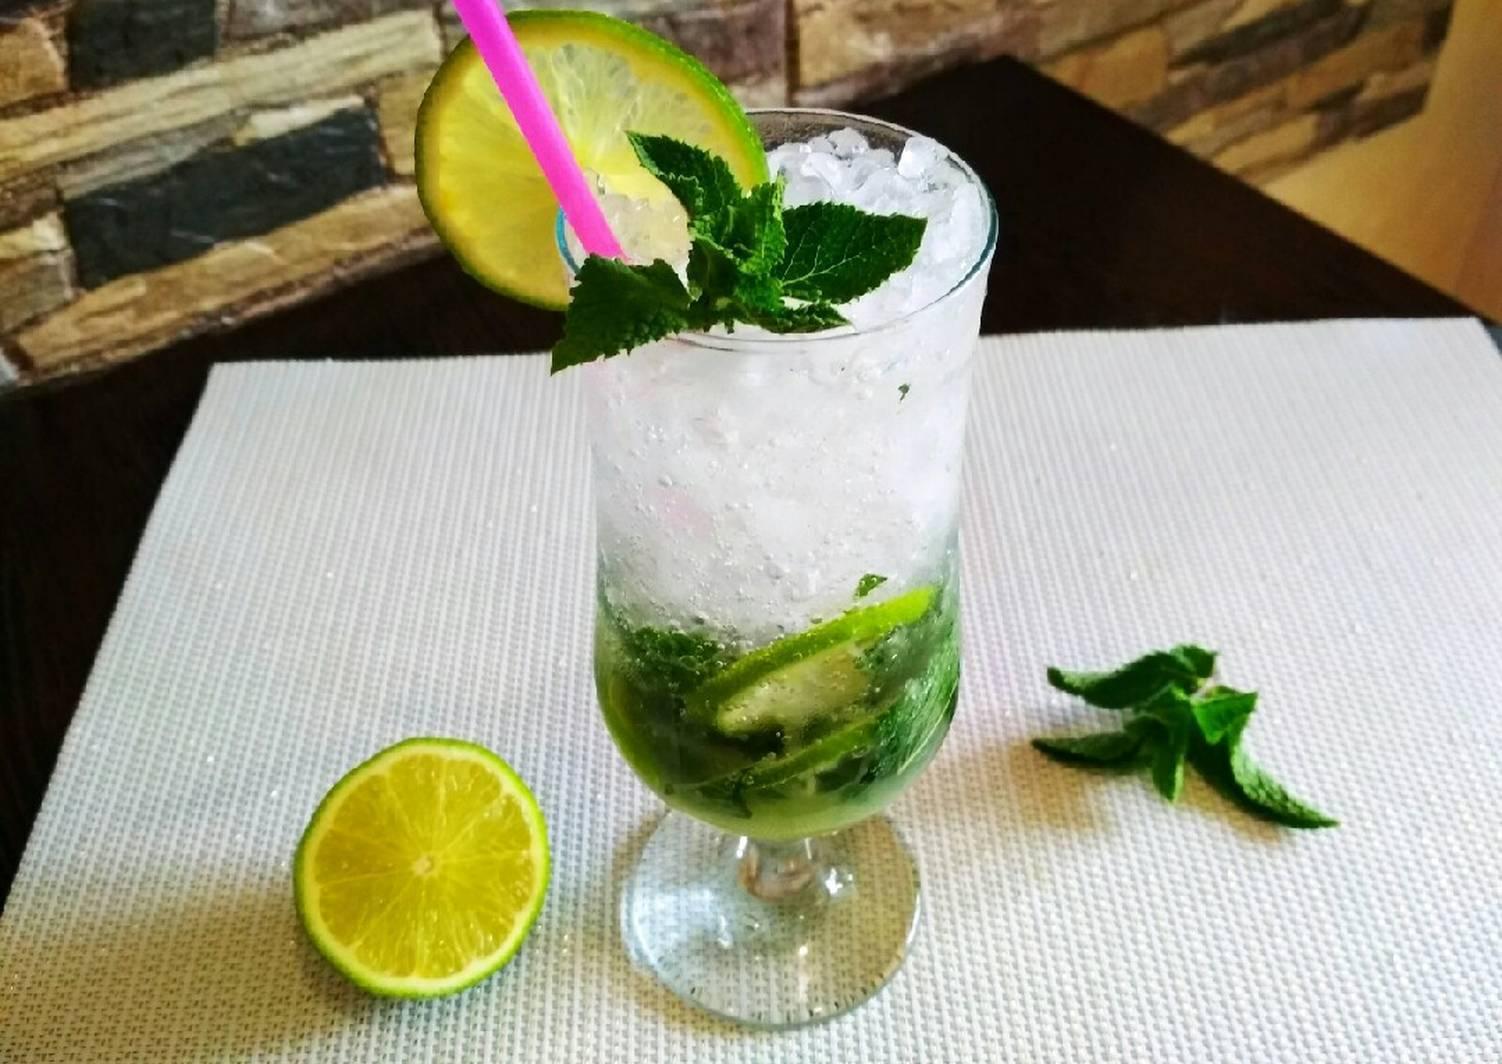 Как сделать мохито безалкогольный в домашних условиях, 5 рецептов приготовления коктейля